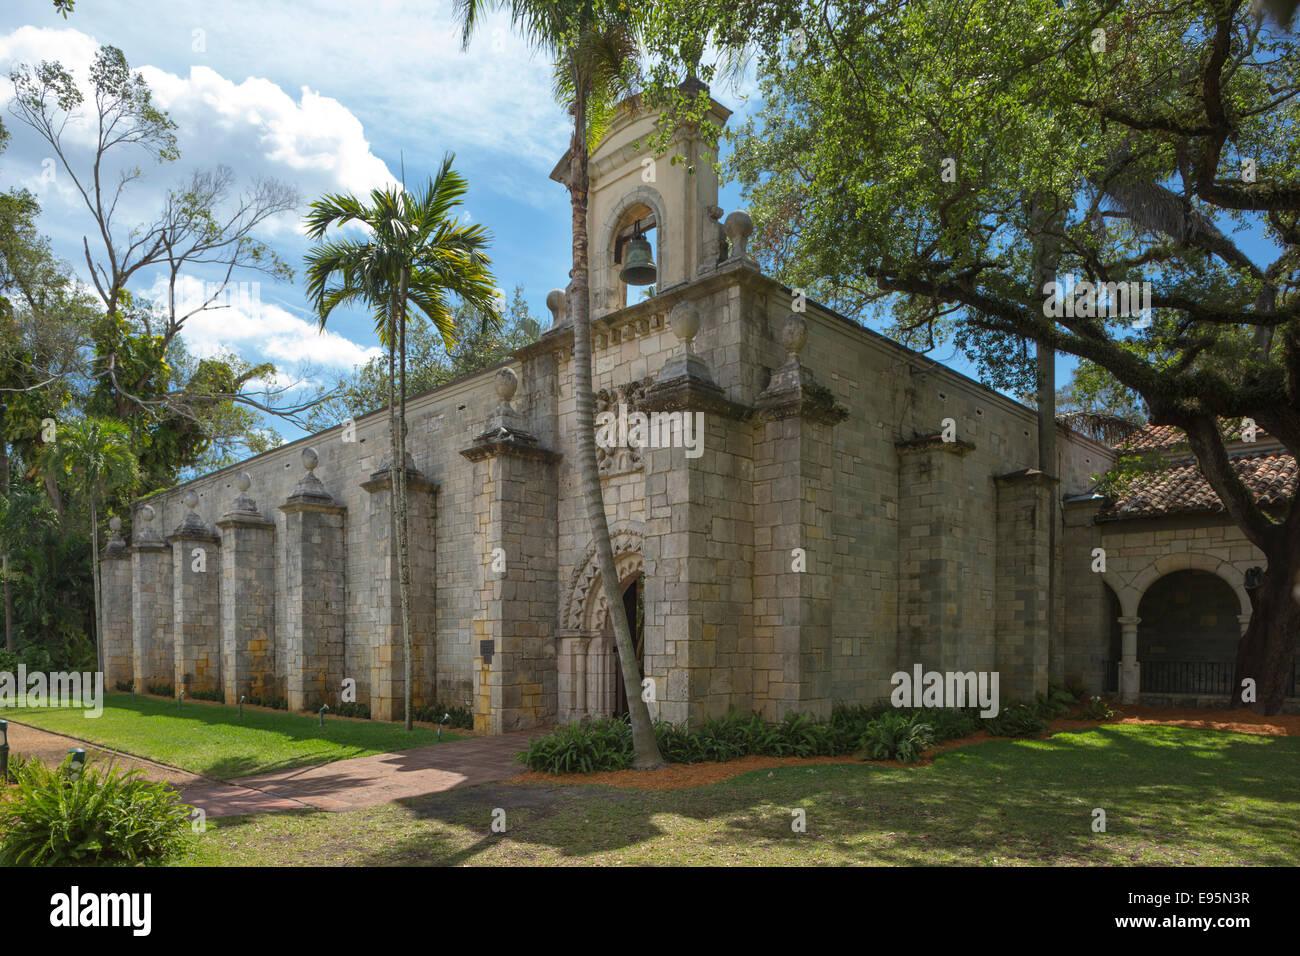 Resultado de imagem para mosteiro espanhol em miami